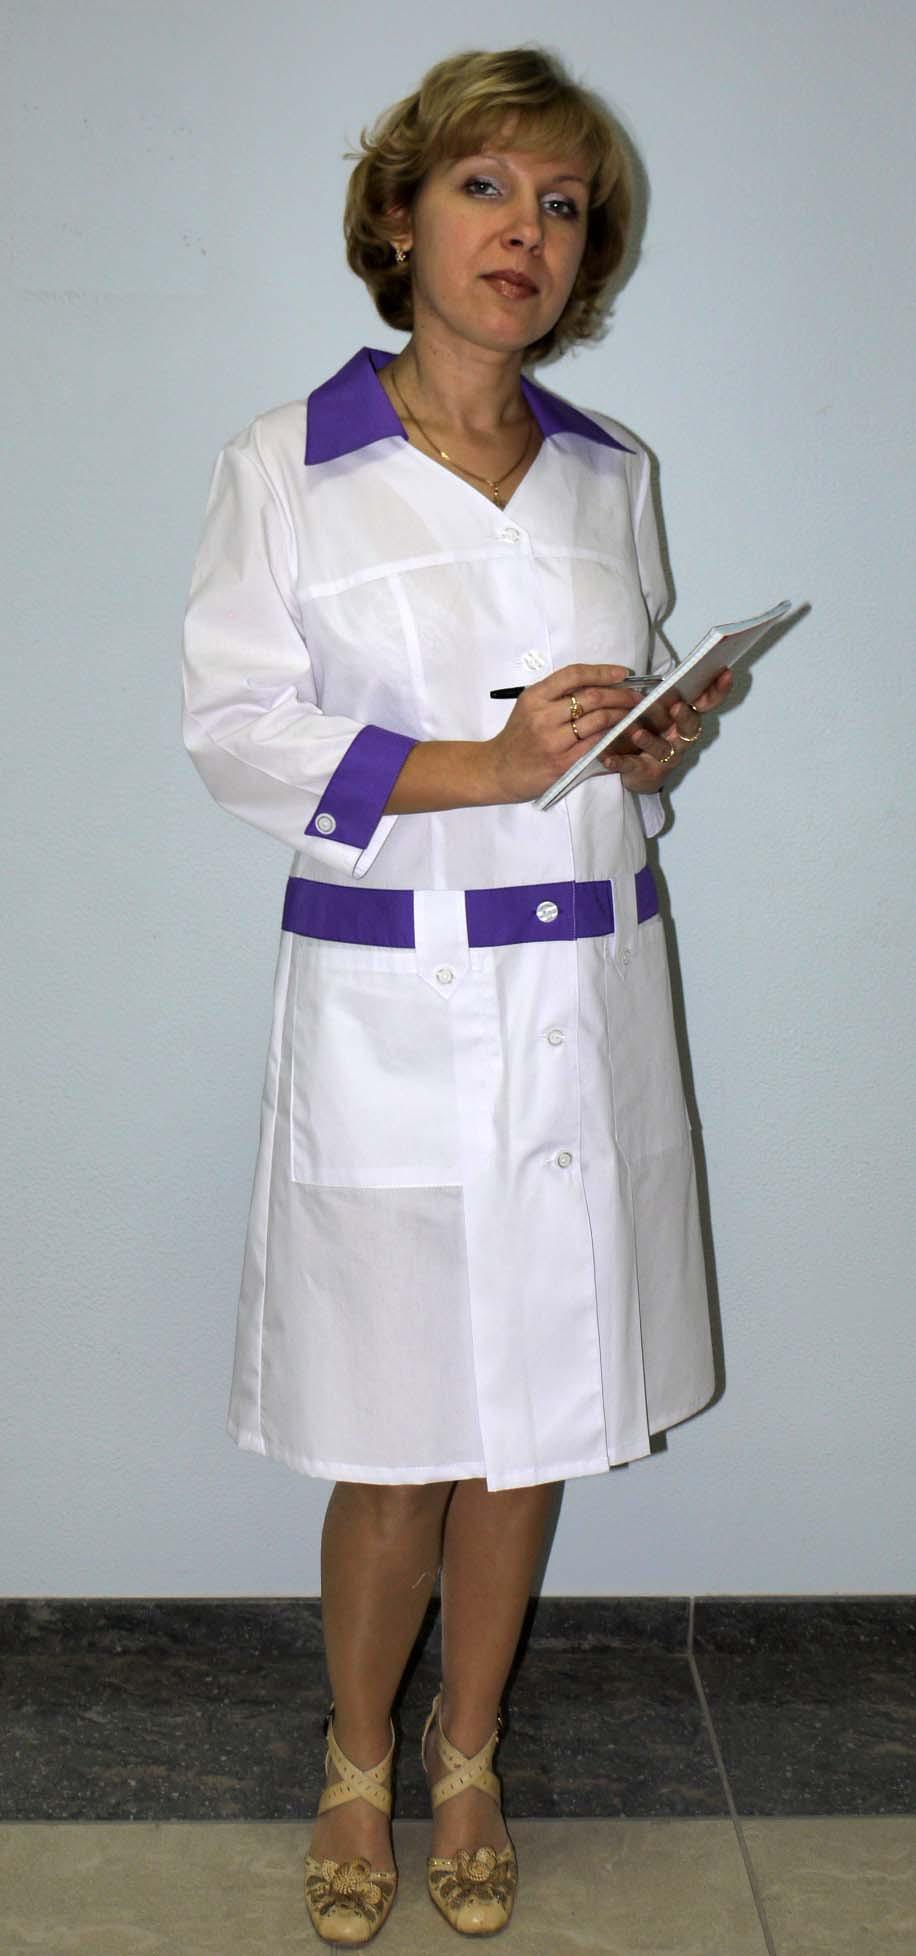 Фото женщины в медицинском халате 5 фотография